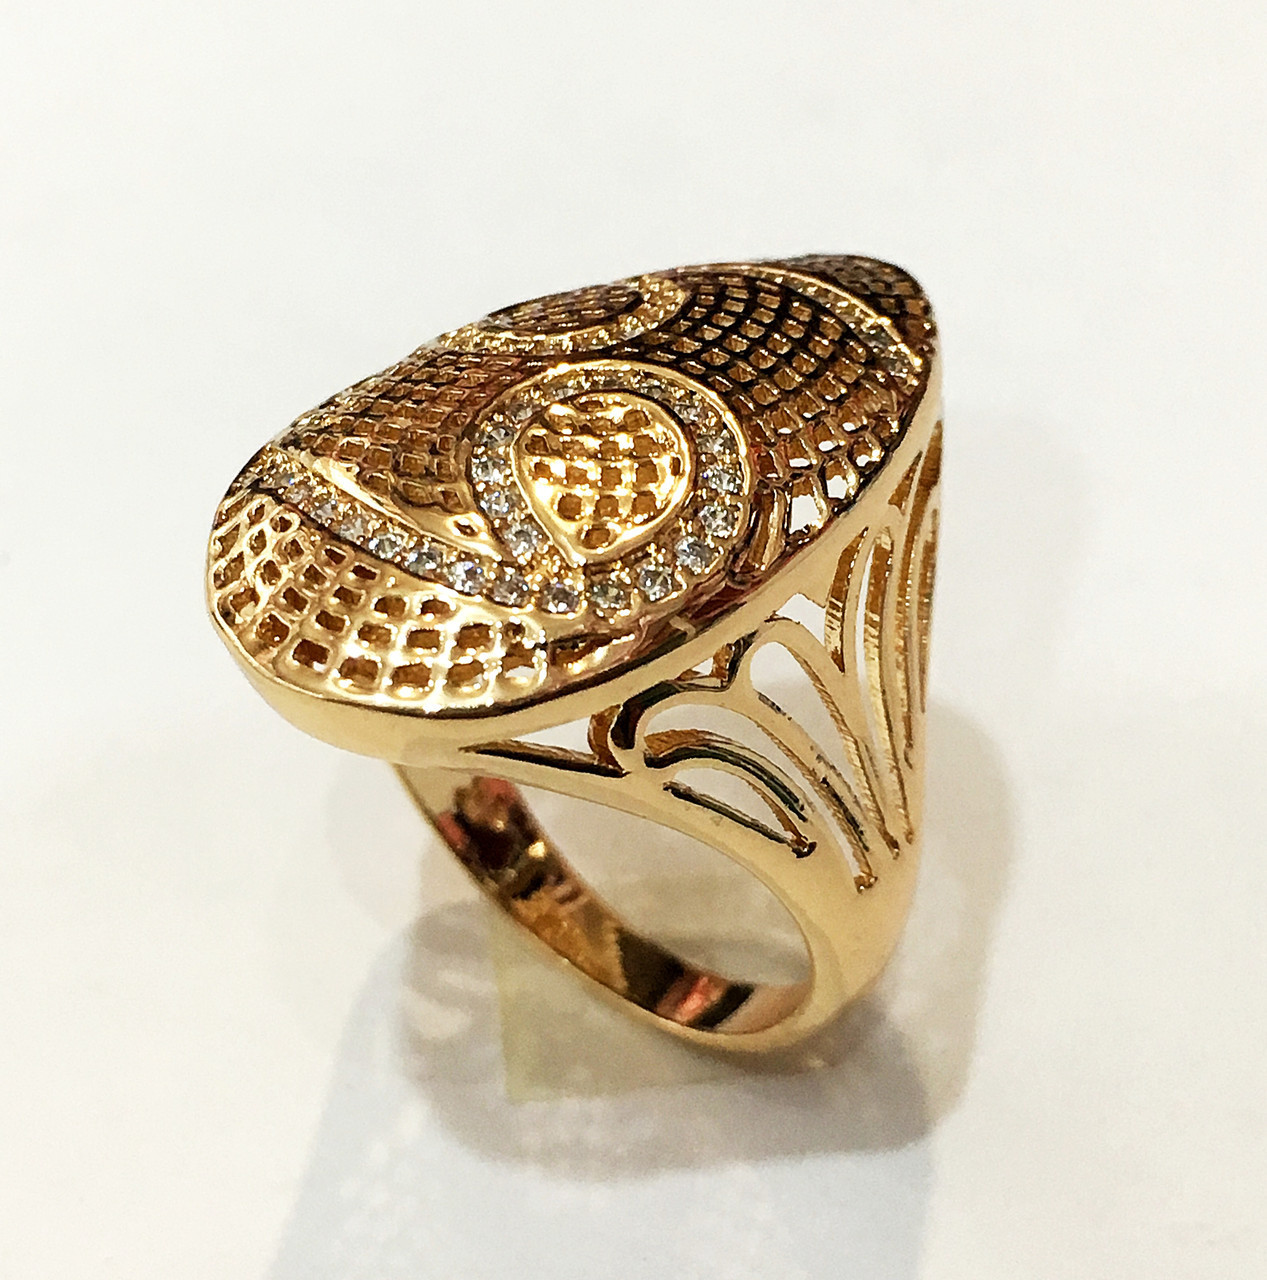 Перстень женский Афина, размер 17 ювелирная бижутерия XP